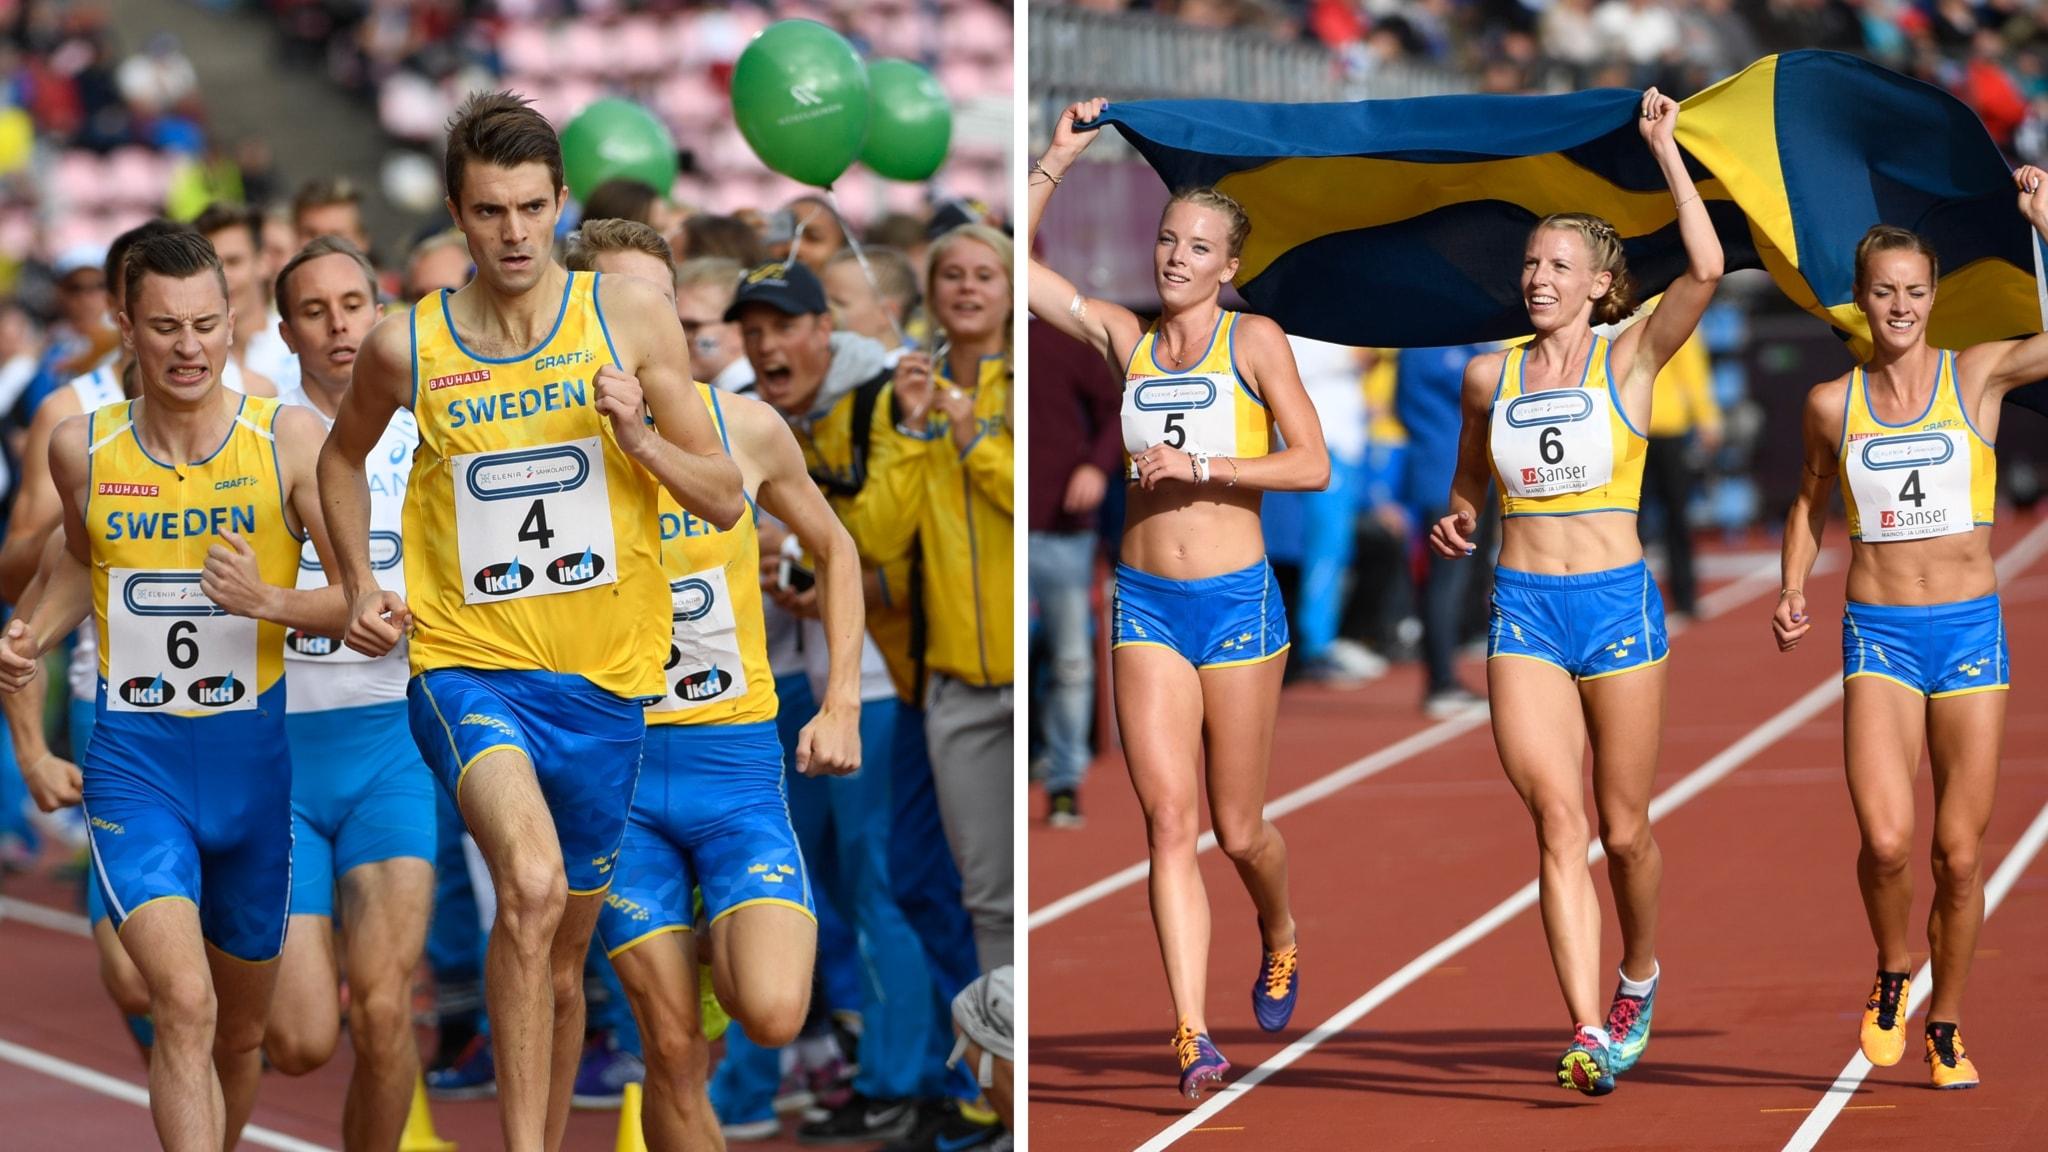 Att Ruotsi